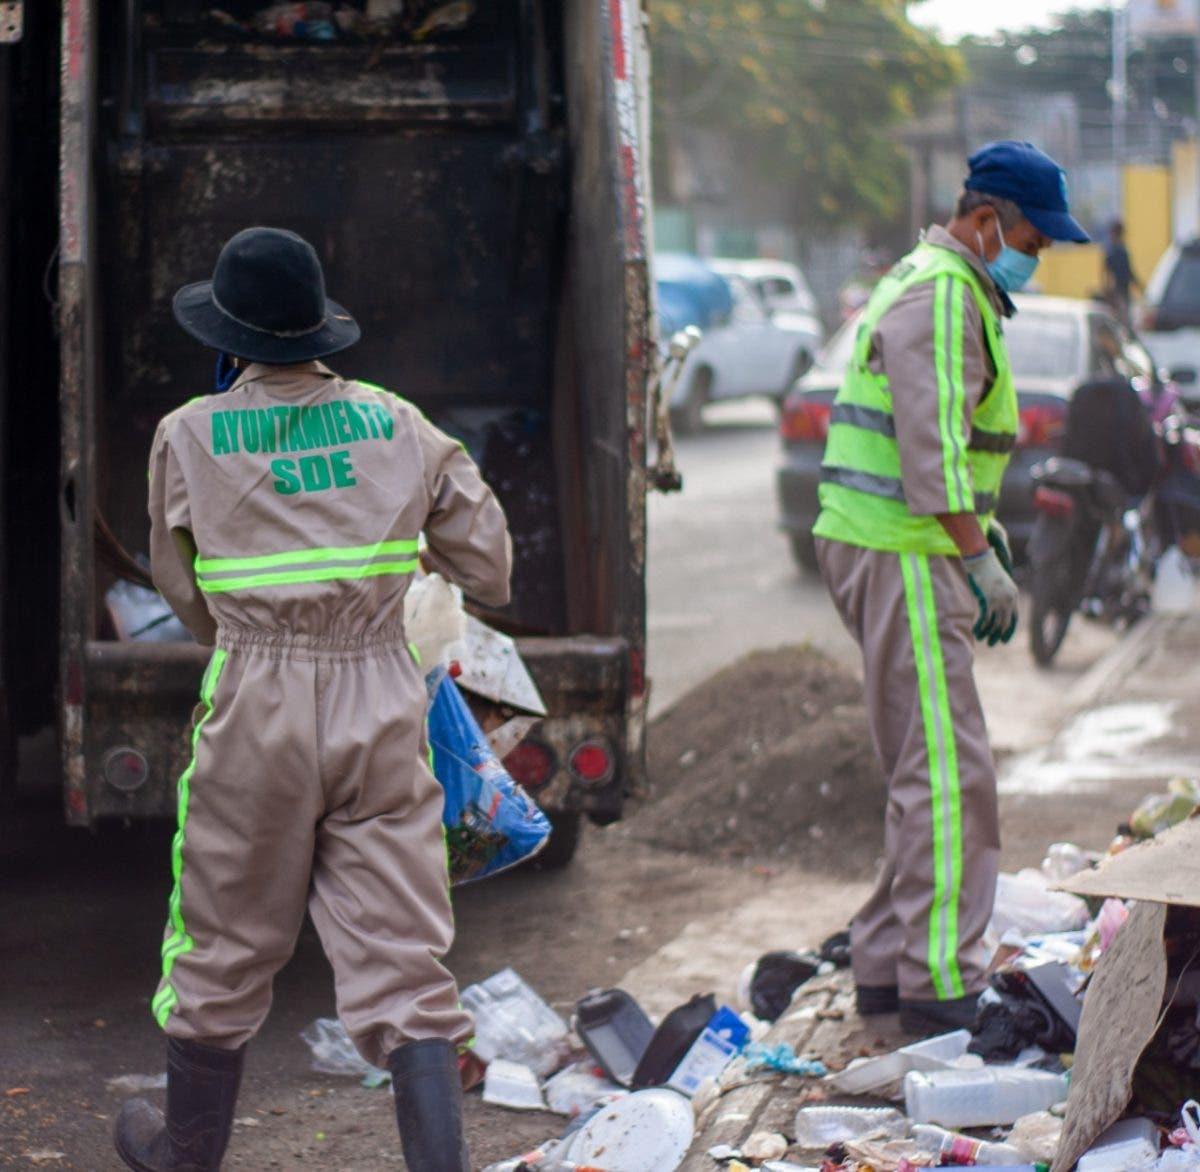 Ayuntamiento SDE asume control de recogida de basura por incumplimiento de empresas